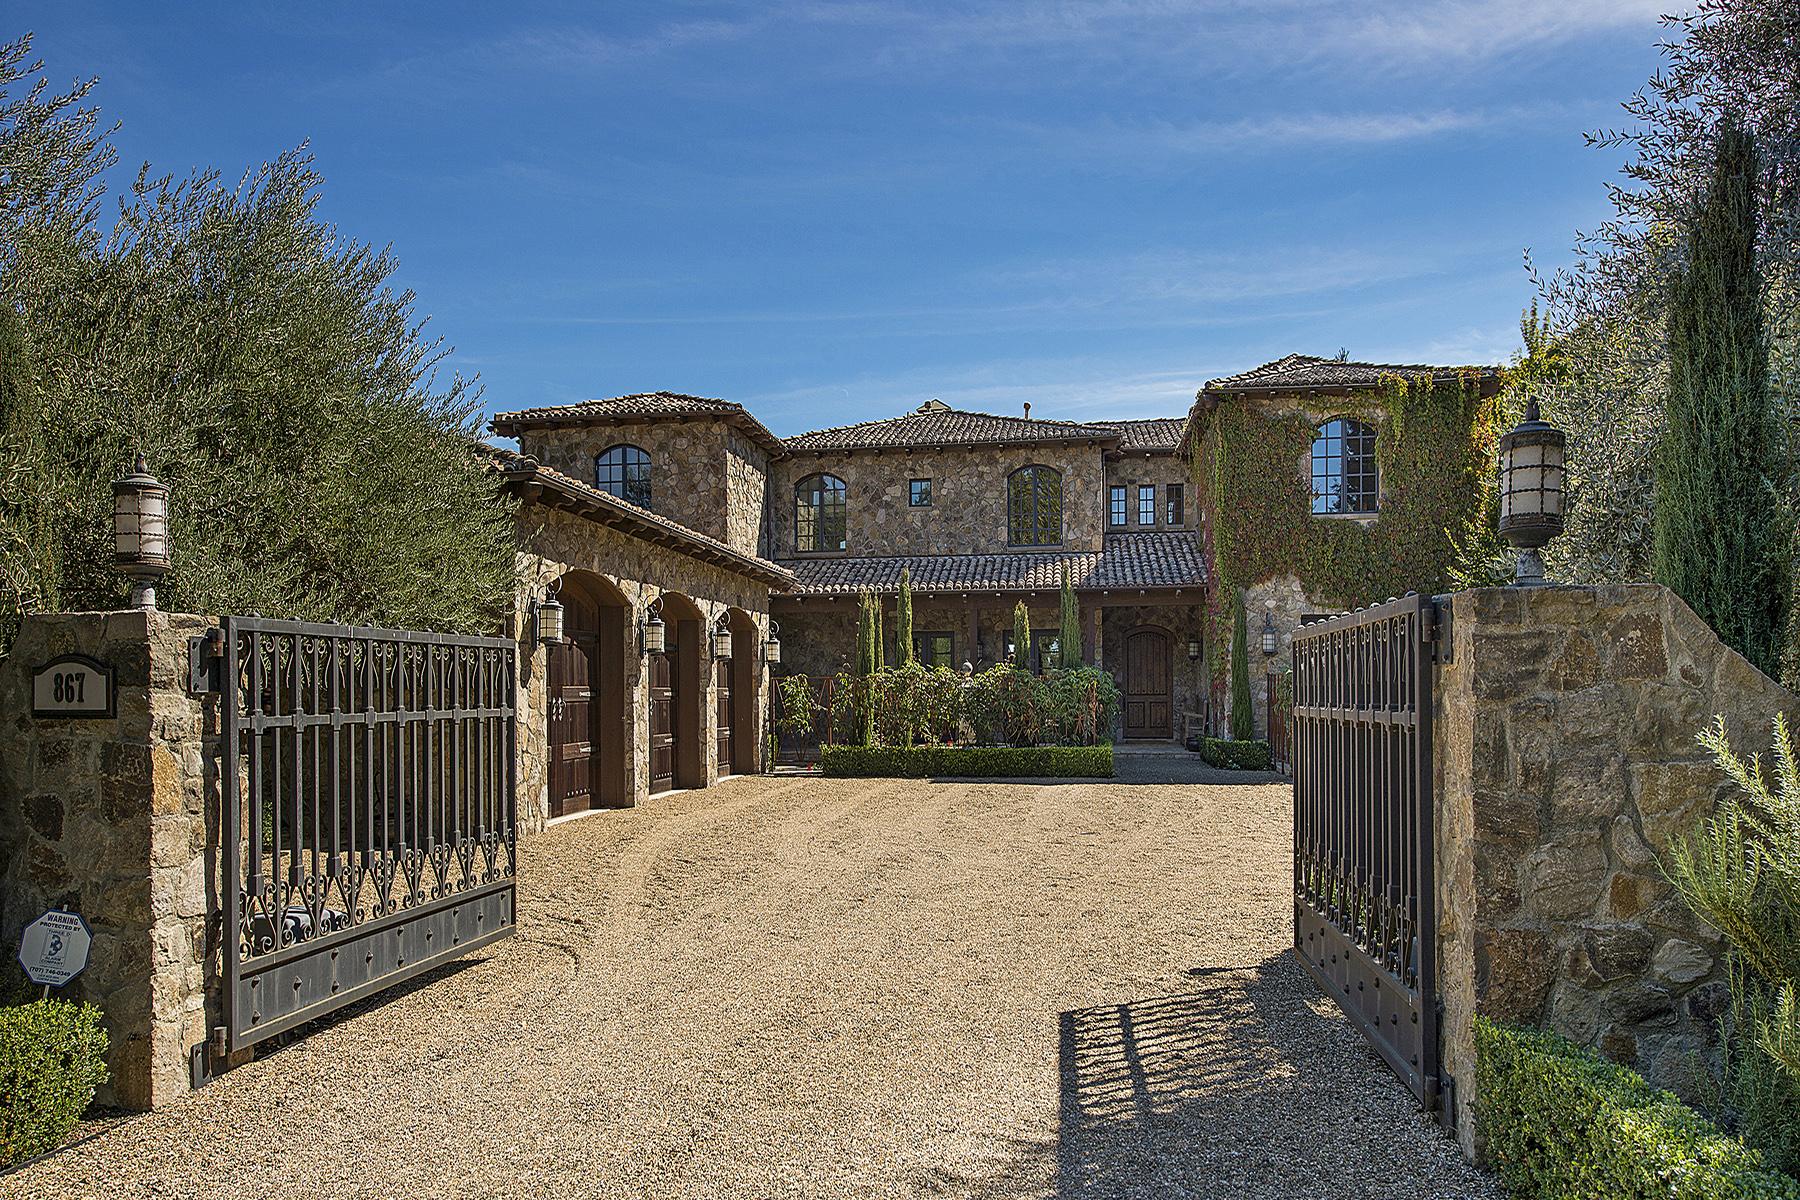 Maison unifamiliale pour l Vente à A Wine Country Villa With Modern Flair 867 White Ln St. Helena, Californie 94574 États-Unis